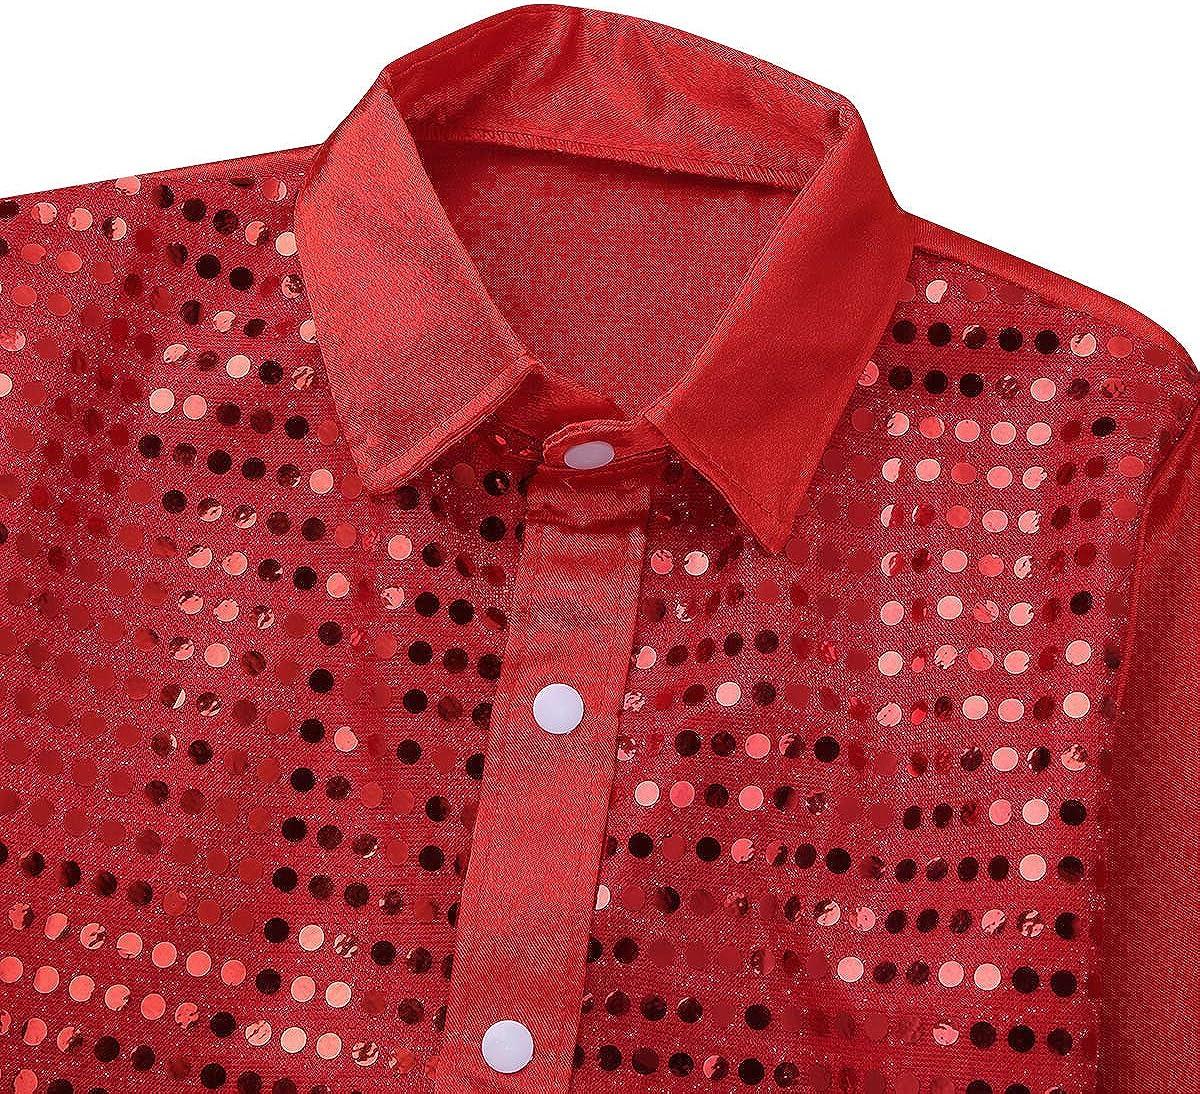 inhzoy T-Shirt /à Paillettes m/étalliques pour Jazz Tango